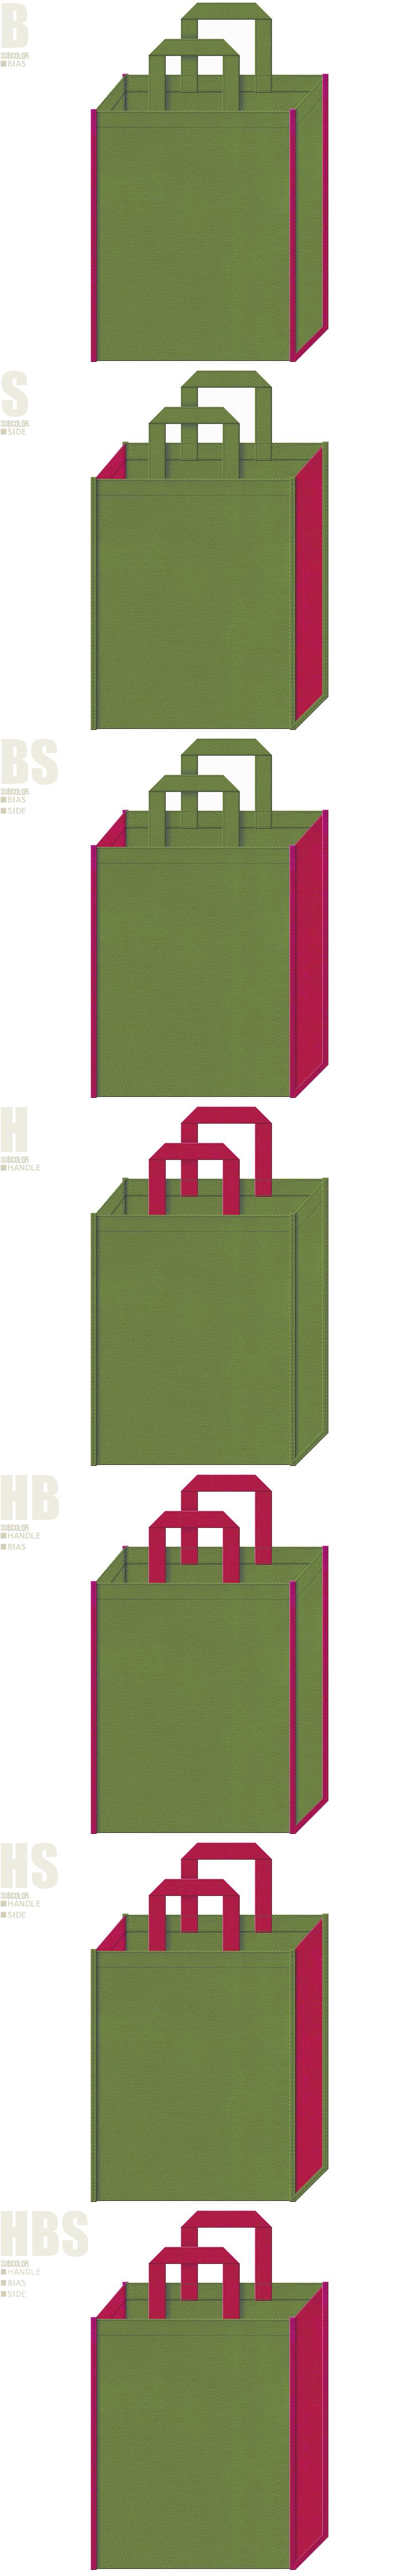 梅・メジロ・うぐいす・草履・着物の展示会用バッグにお奨めの不織布バッグデザイン:草色と濃いピンク色の不織布バッグ配色7パターン。